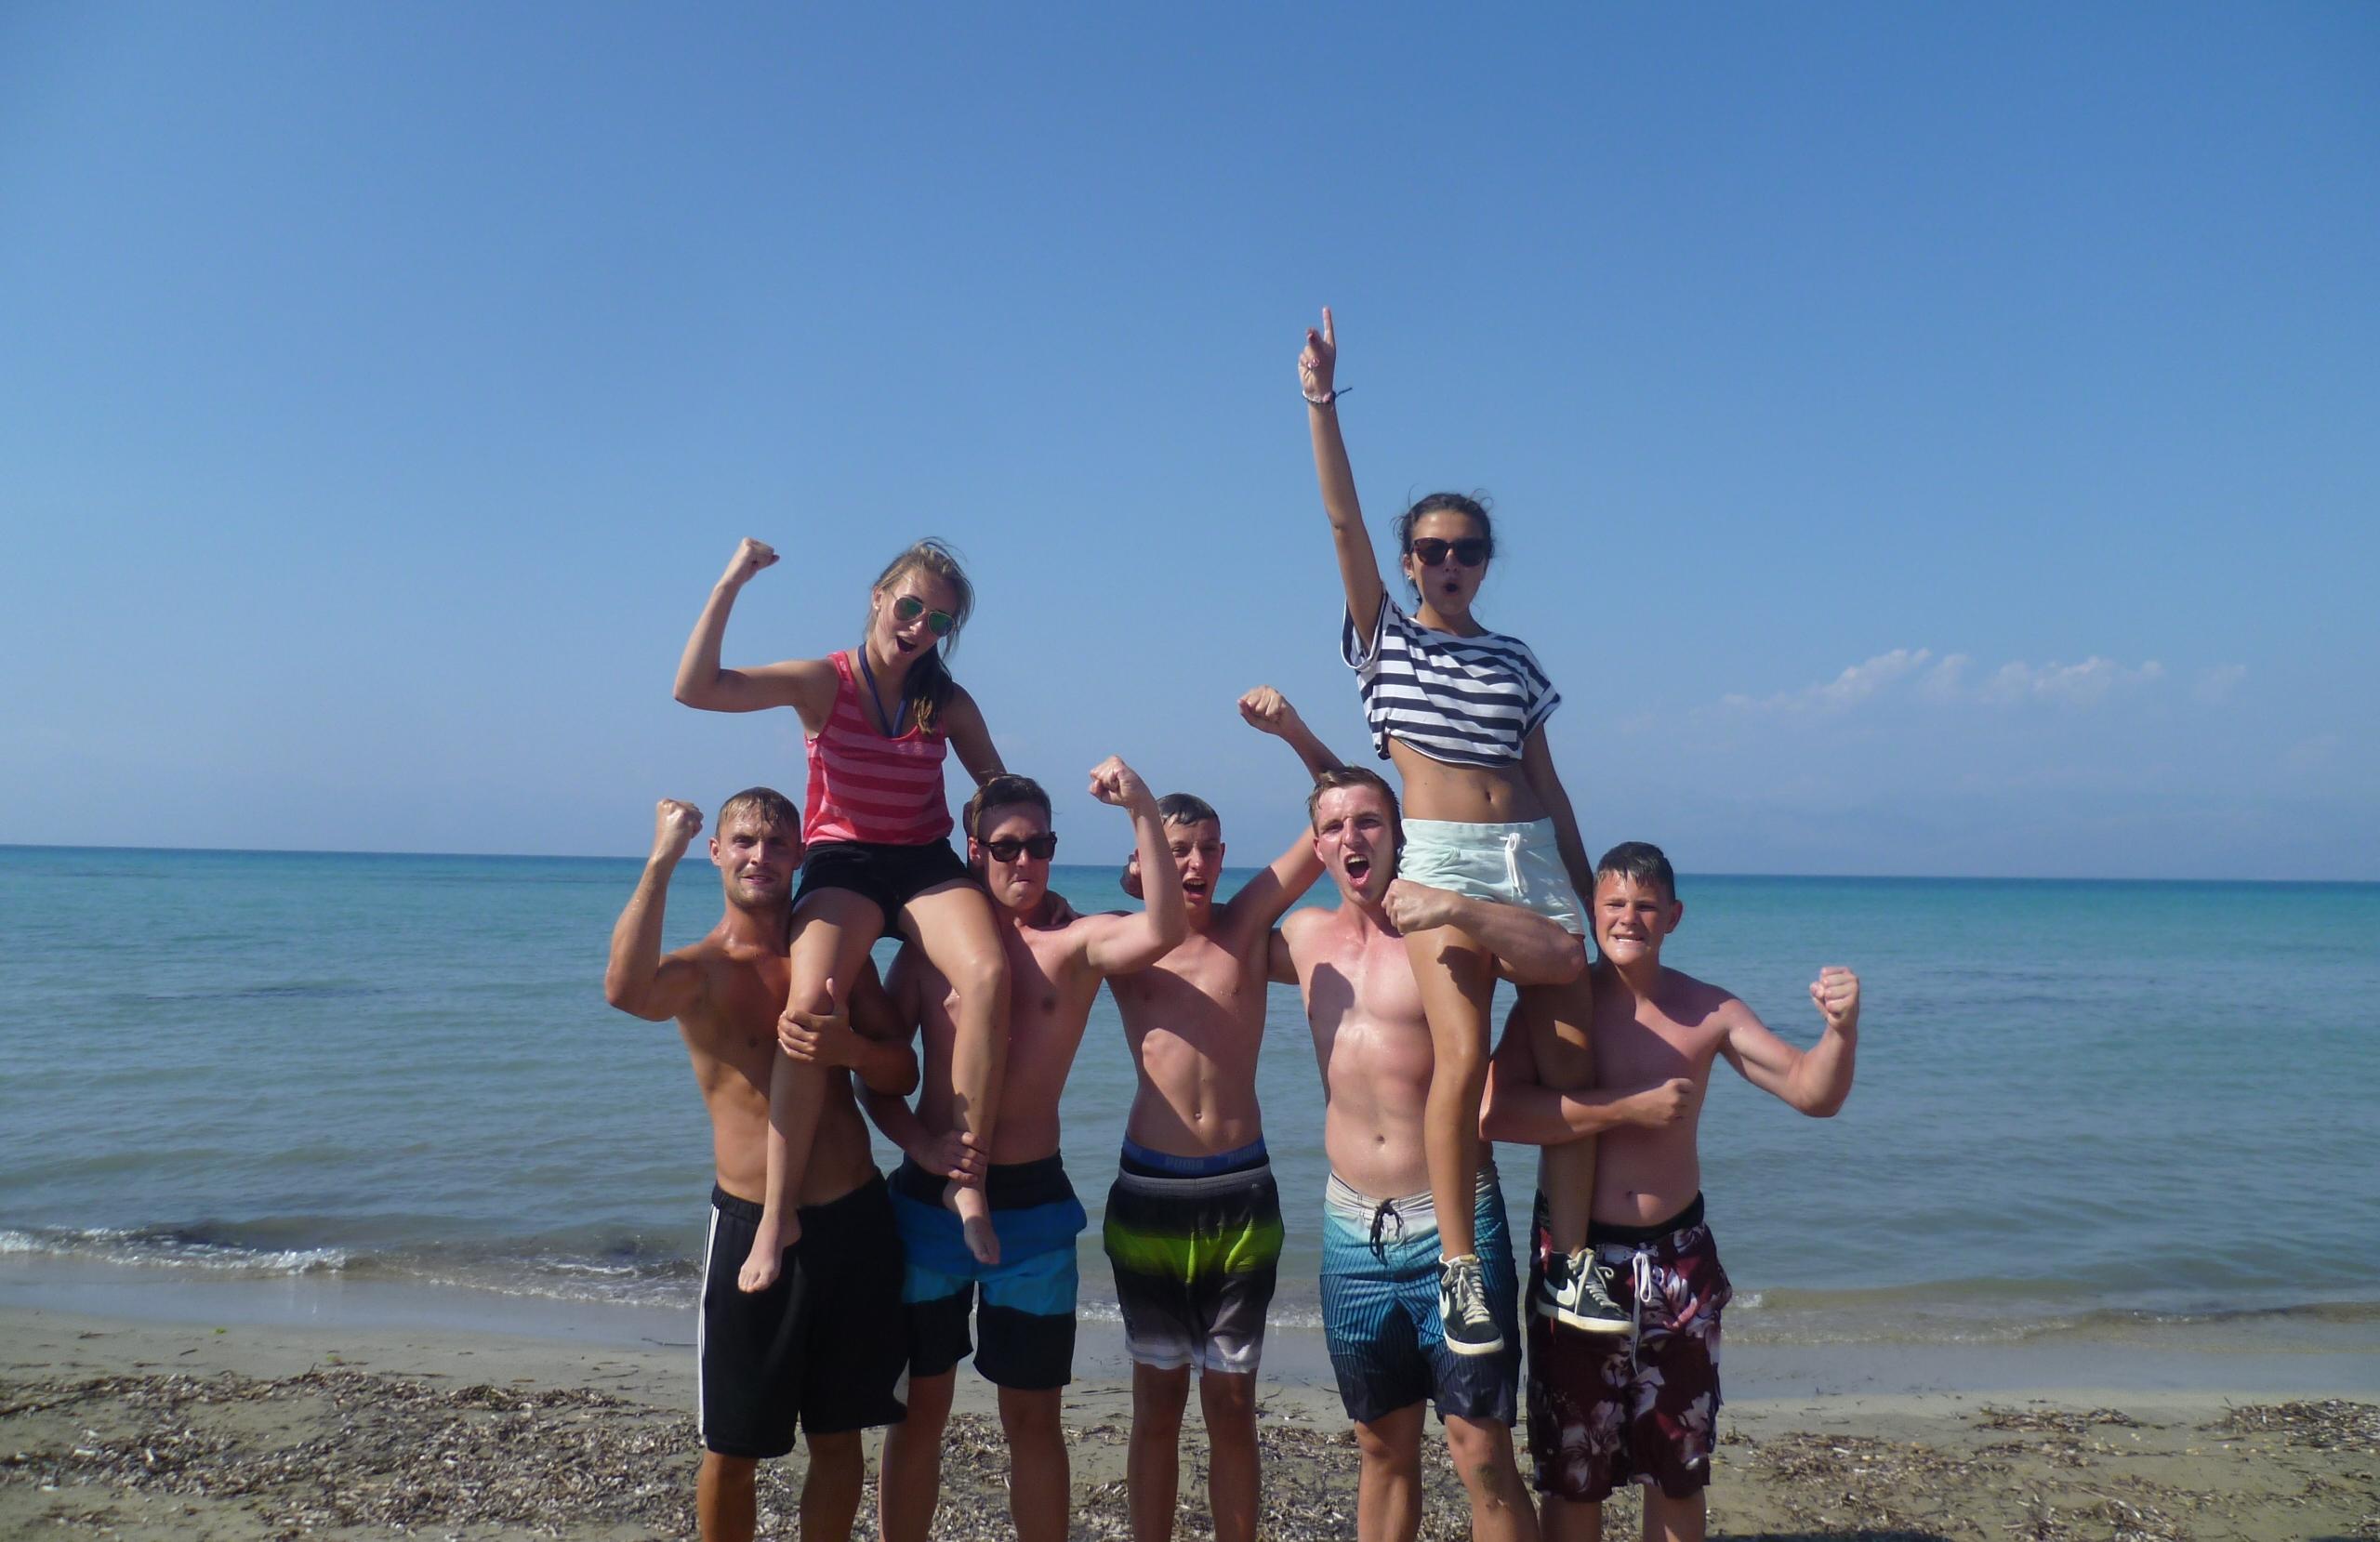 #spain#beach